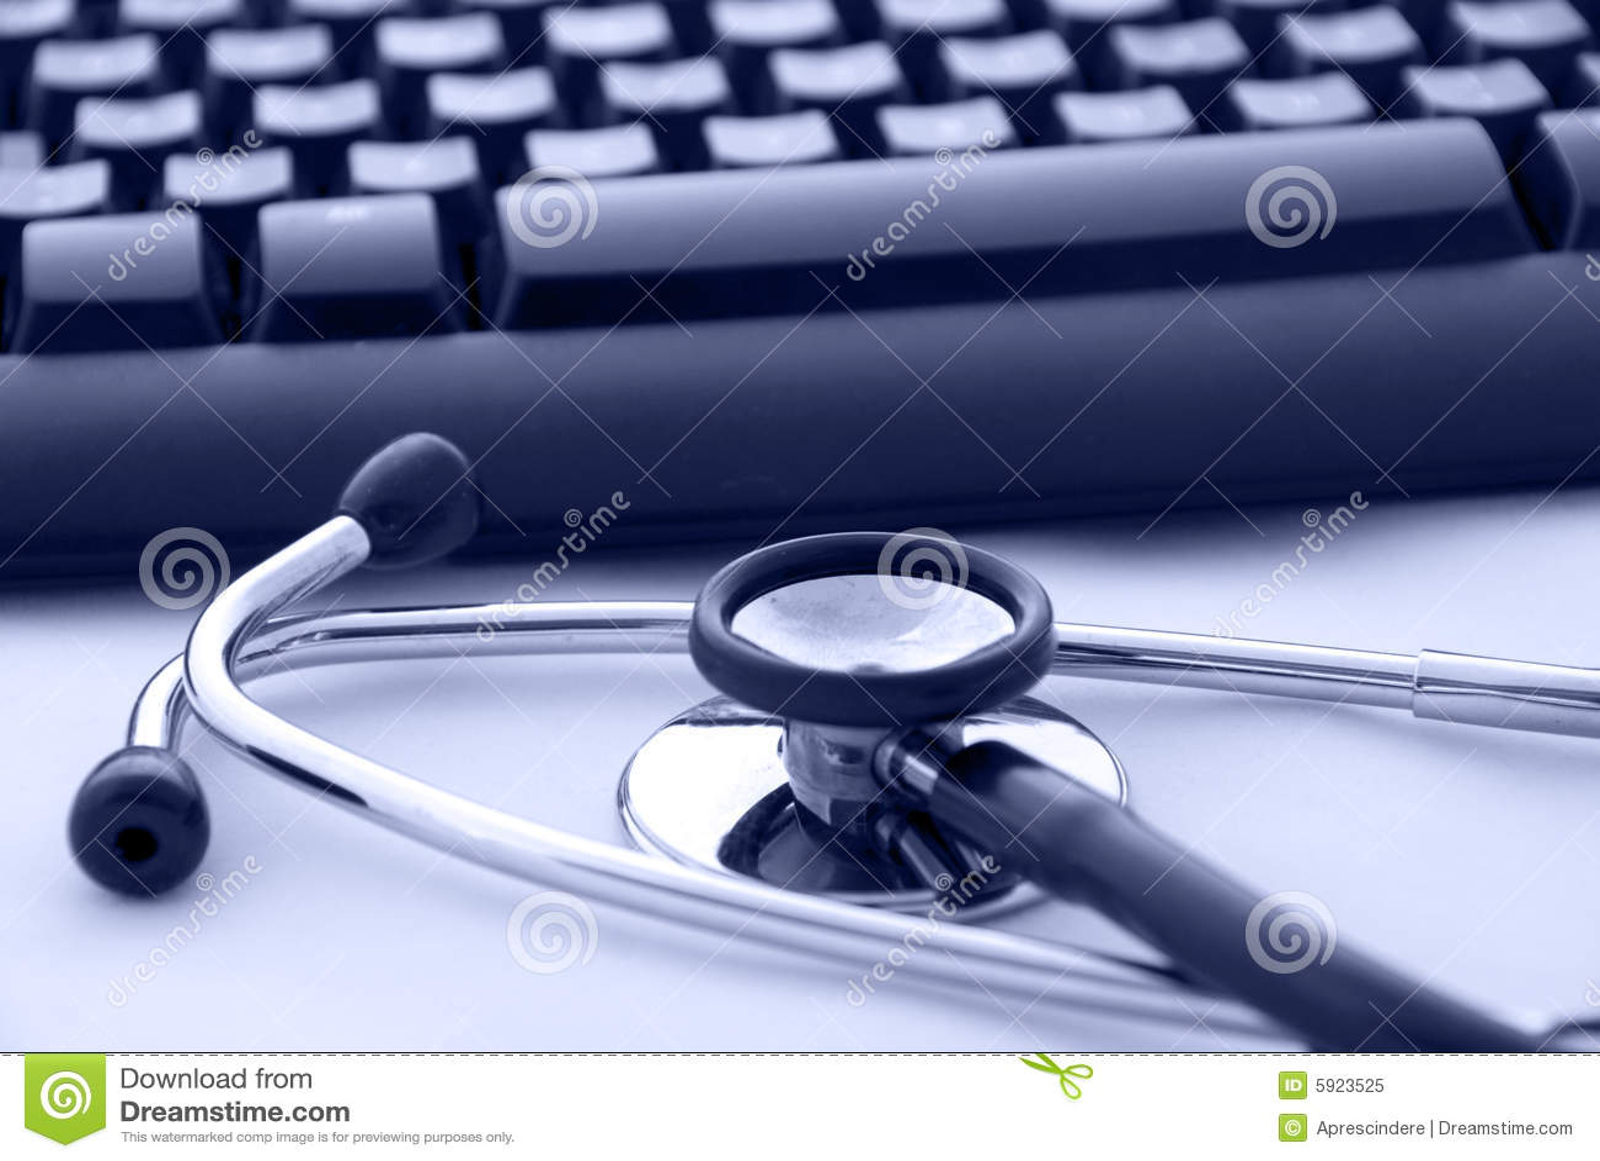 стетоскоп клавиатуры компьютера